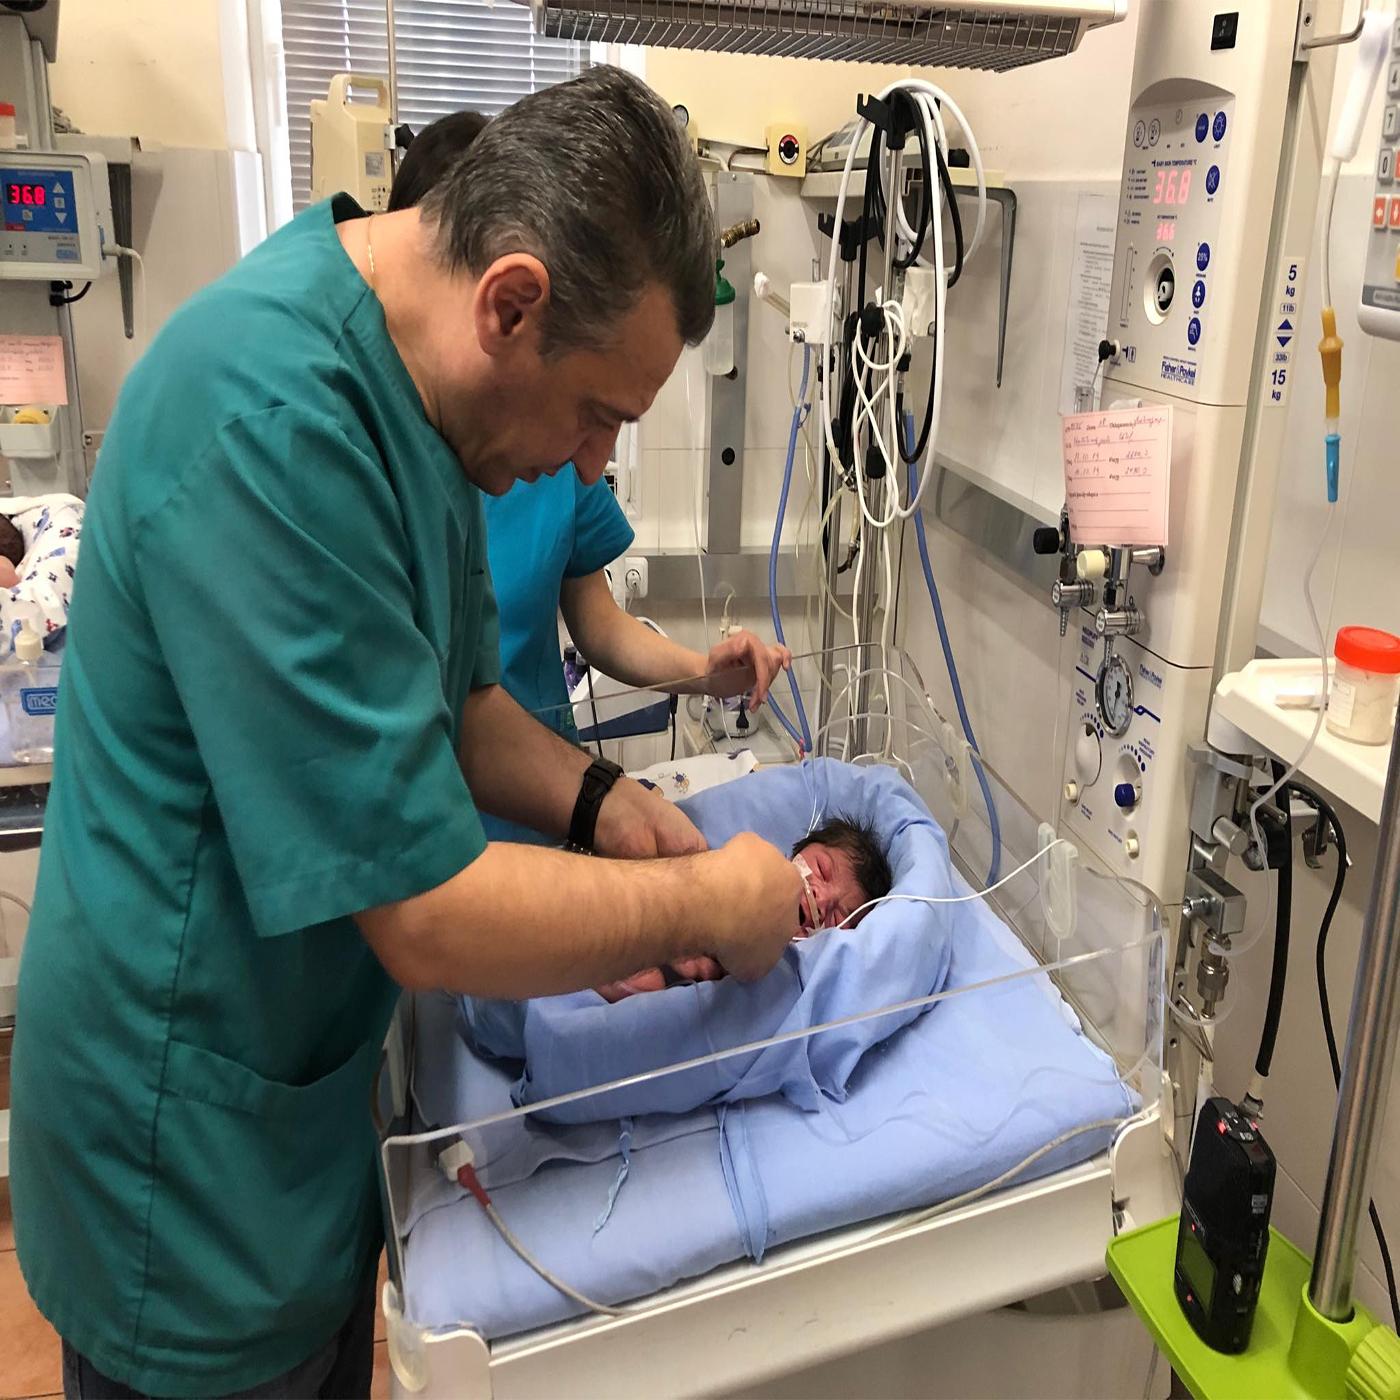 Նորածինների մահացության ցուցանիշների նվազմամբ տարածաշրջանում առաջատար ենք